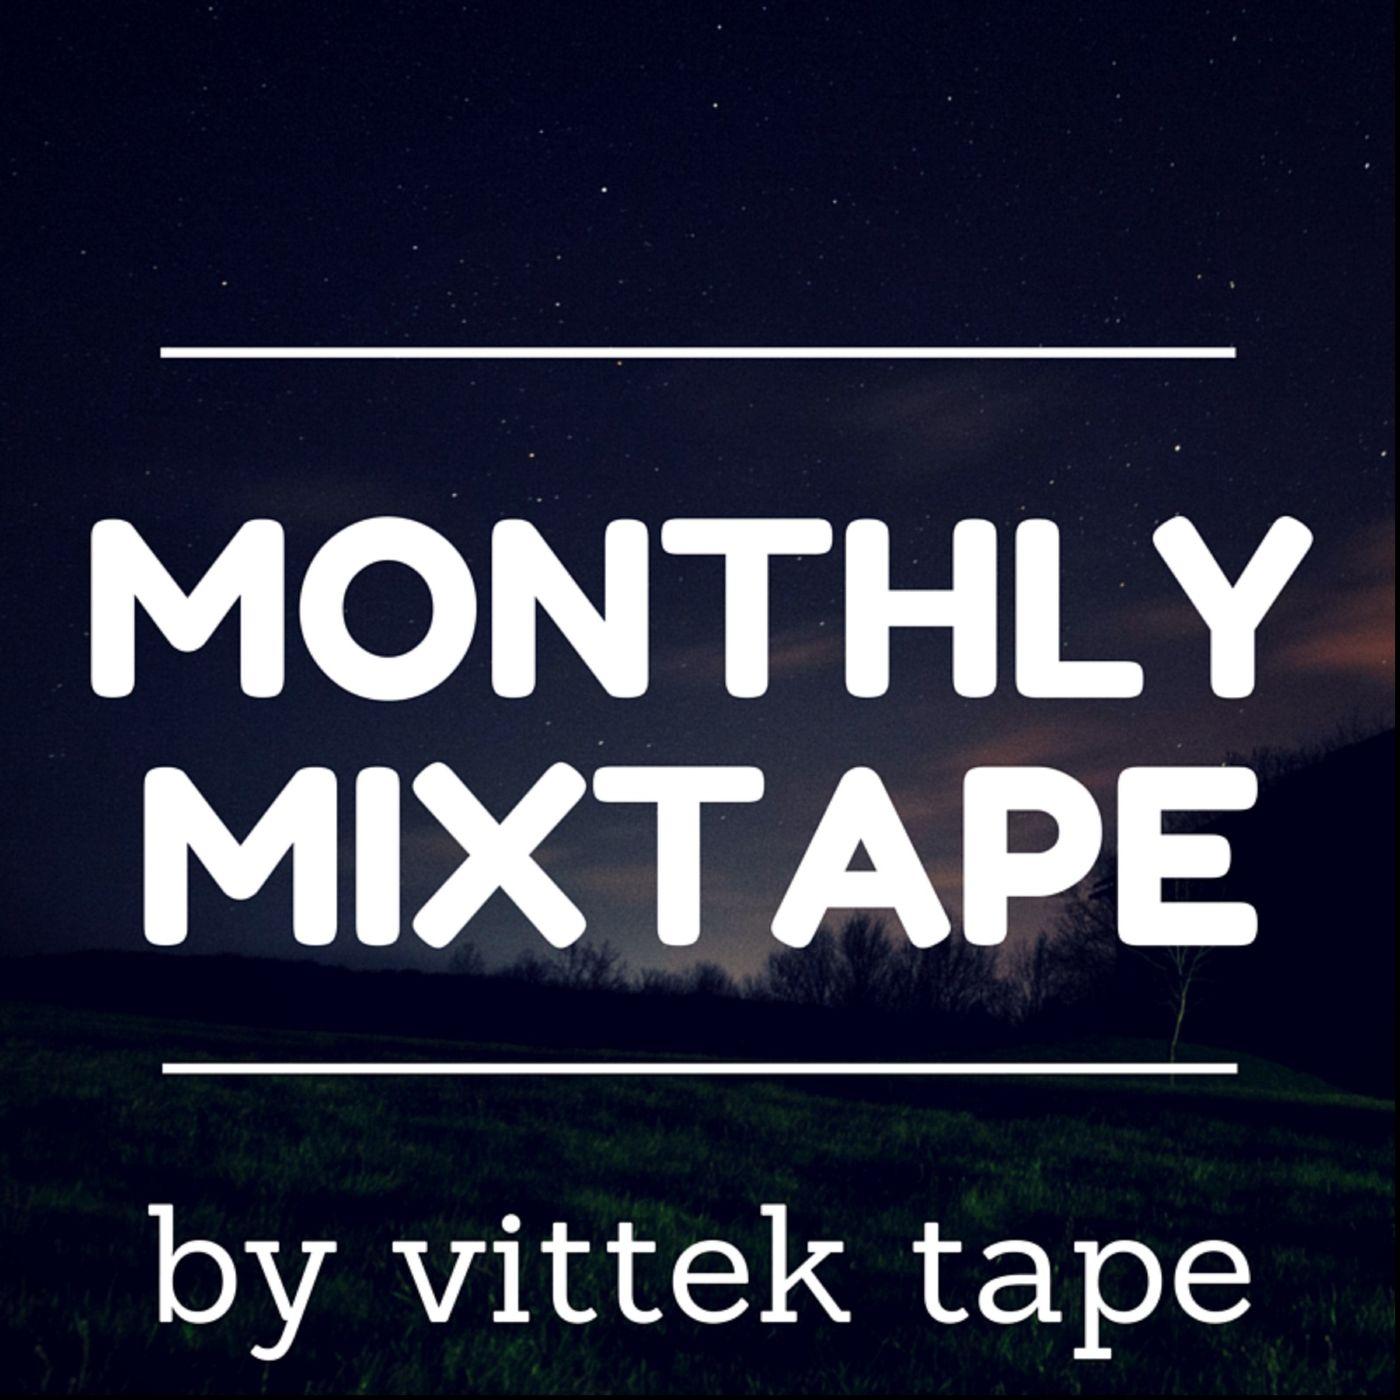 Monthly Mixtape by Vittek Tape